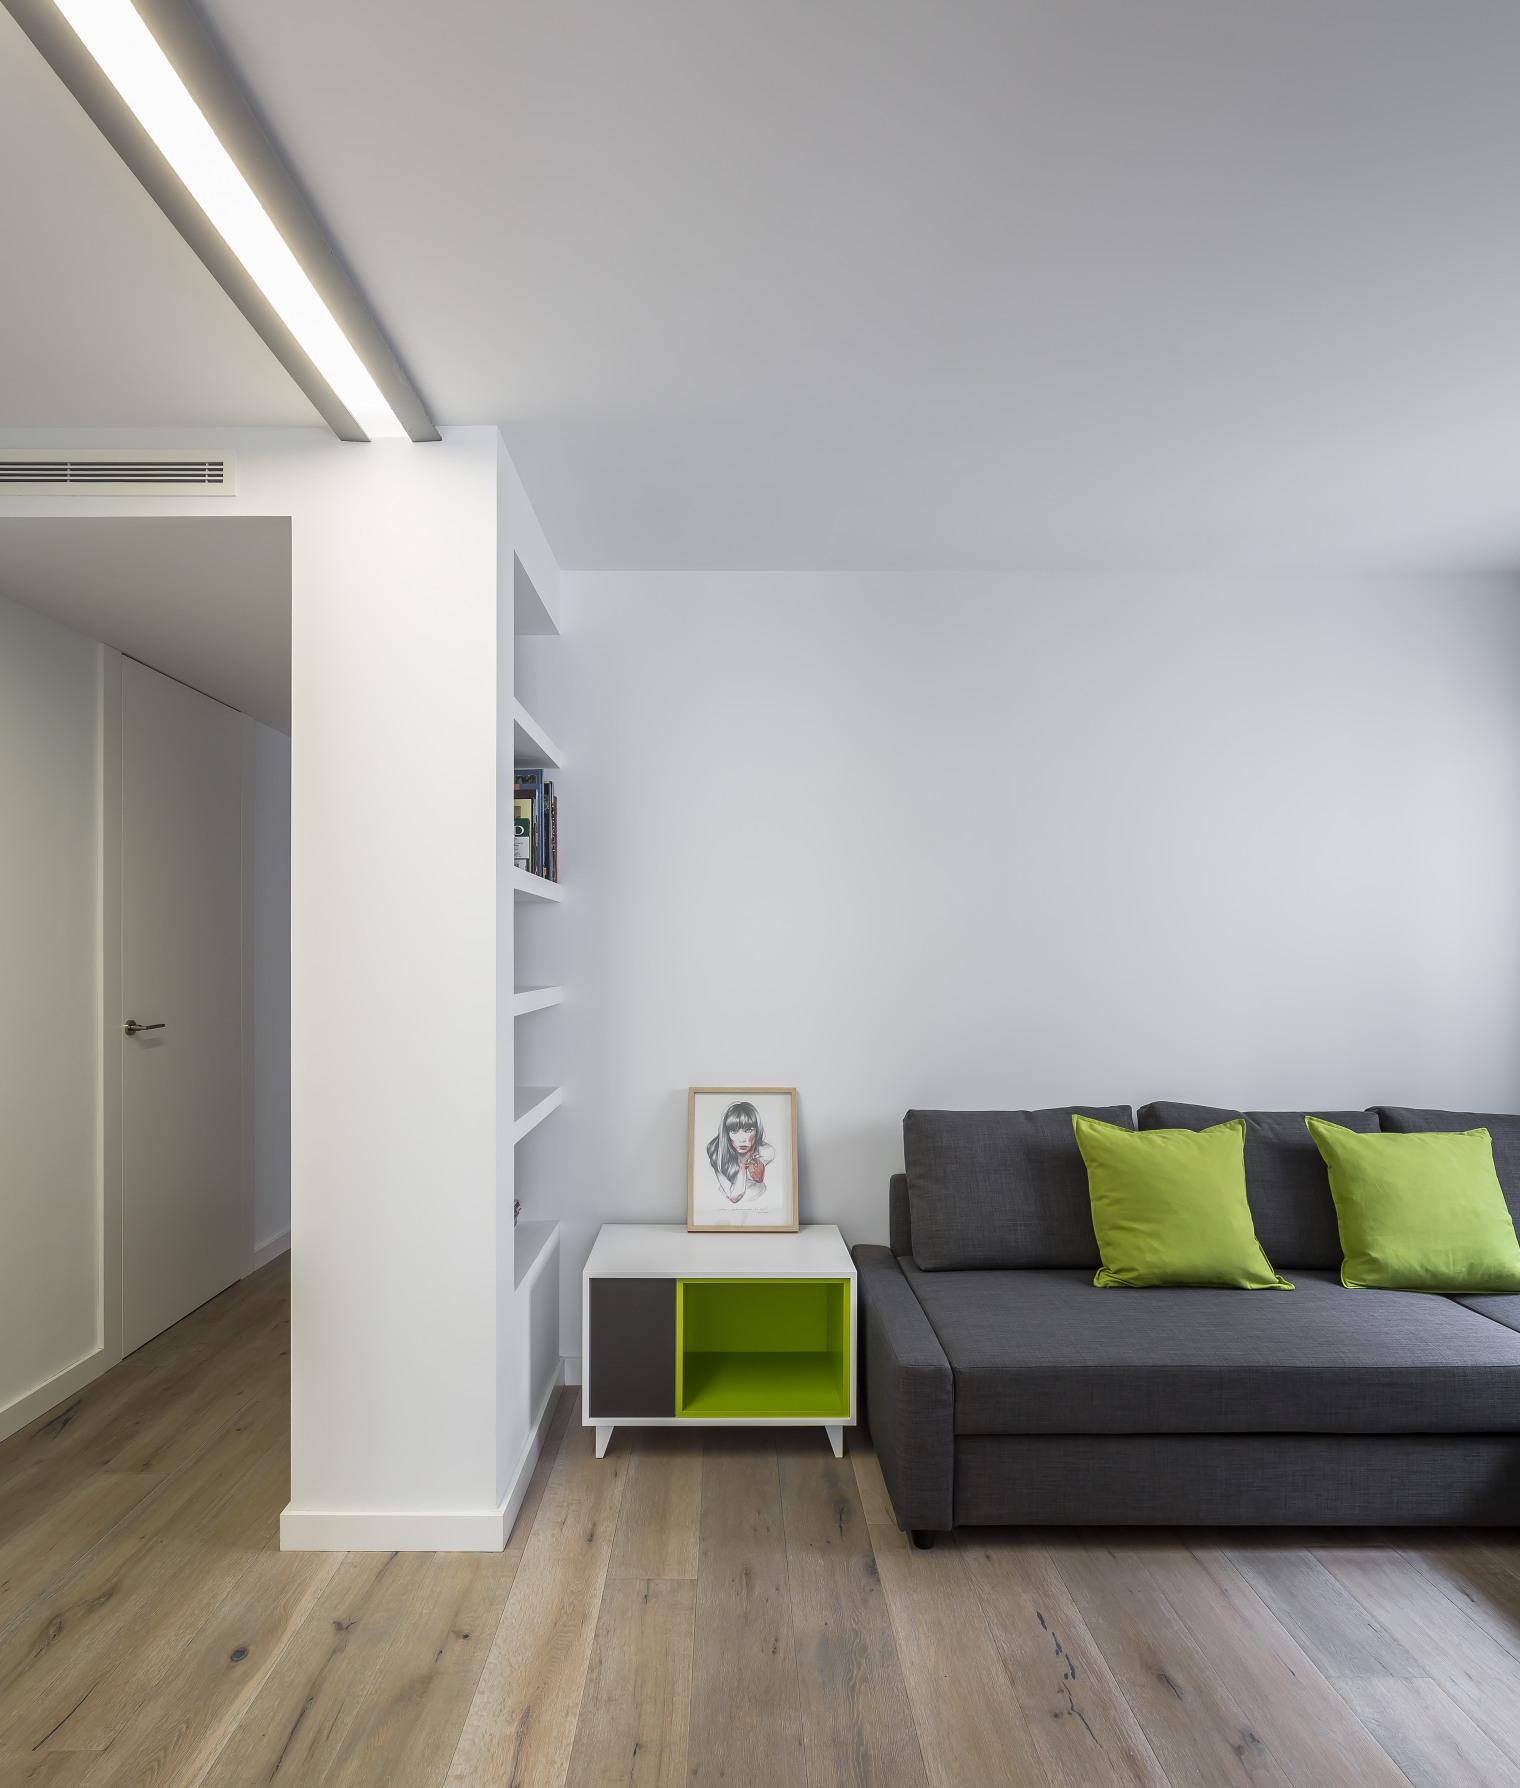 fotografia-arquitectura-valencia-german-cabo-ambau-gordillo (30)